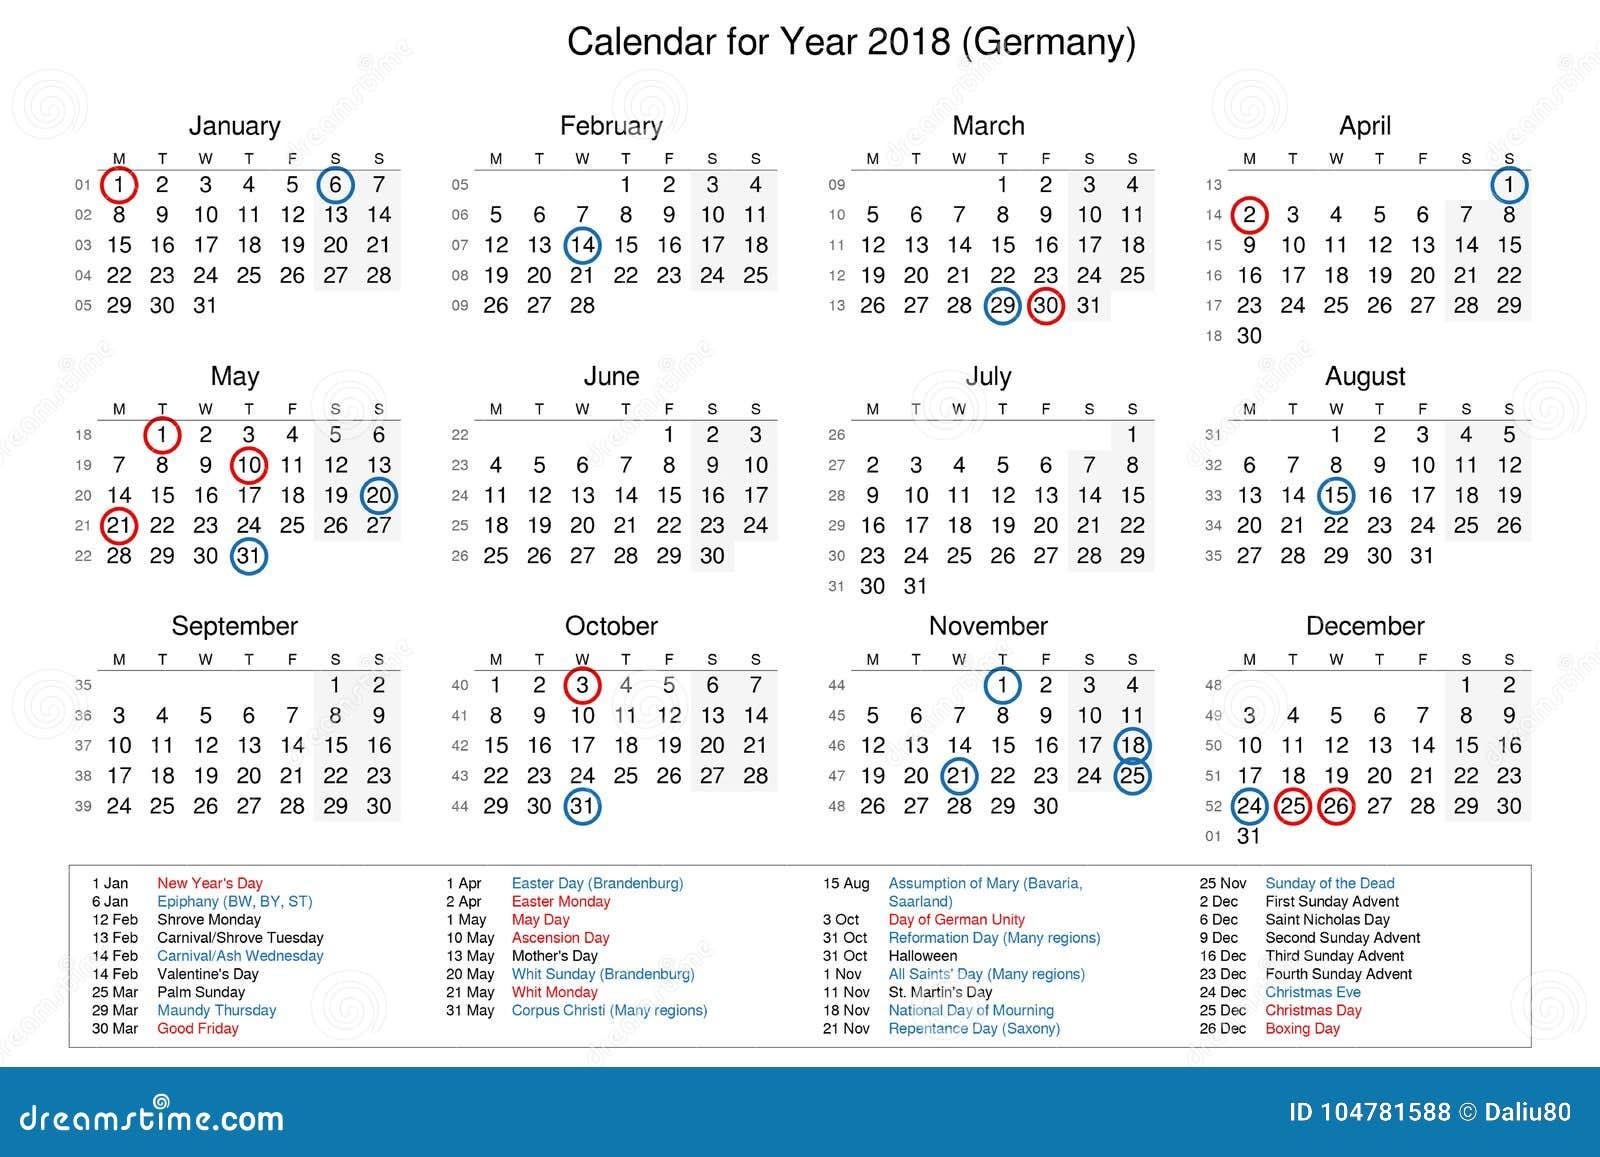 calendario del año 2018 con días festivos y festivos para stock de